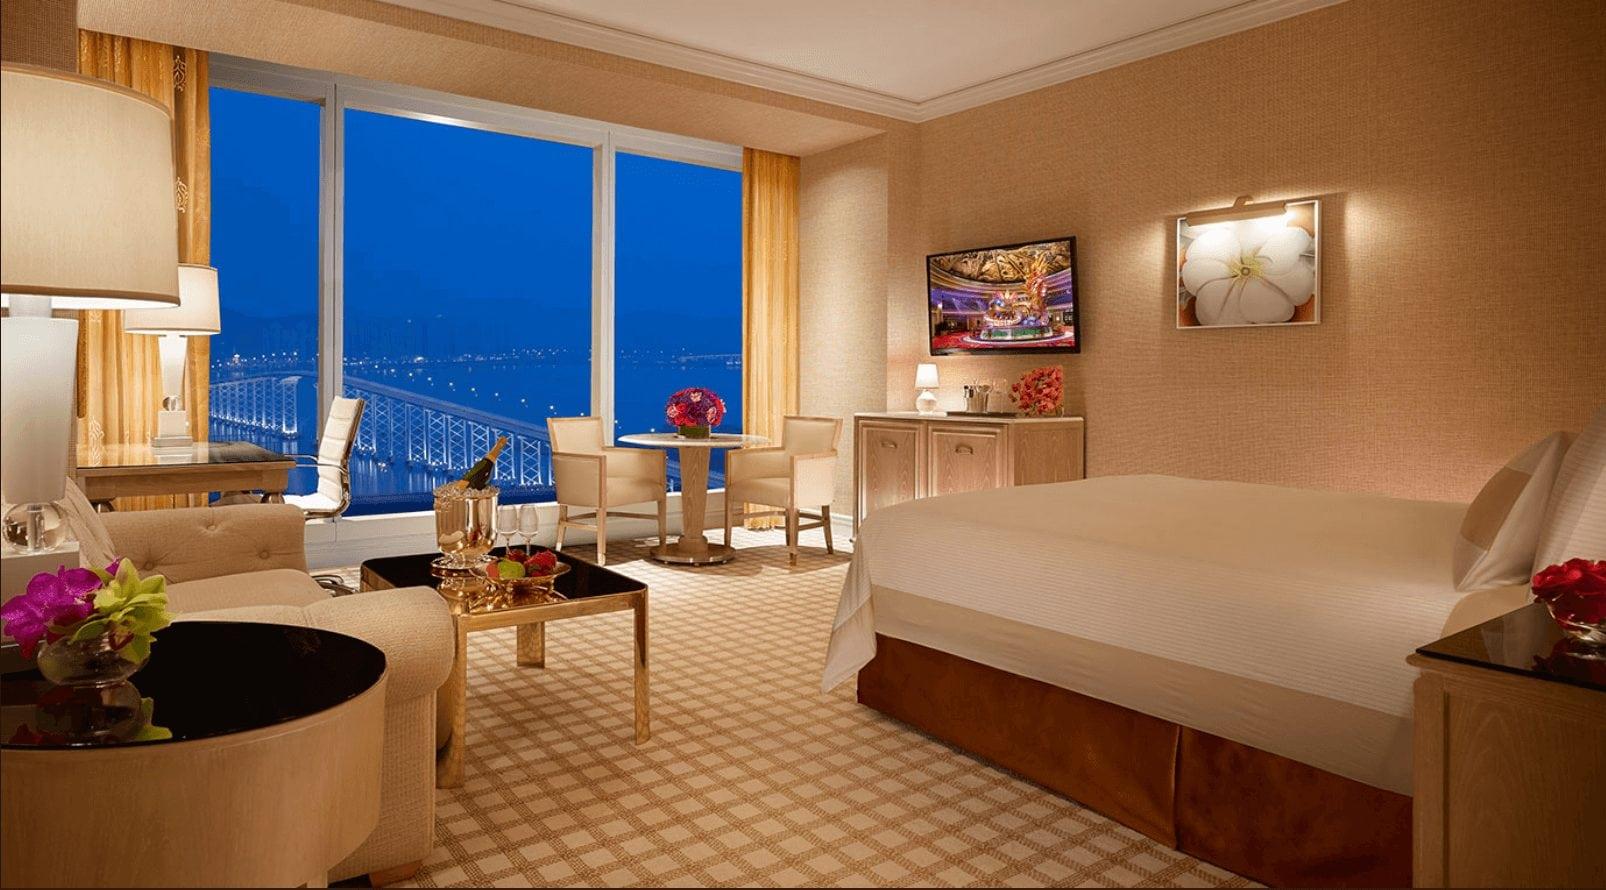 永利飯店房間